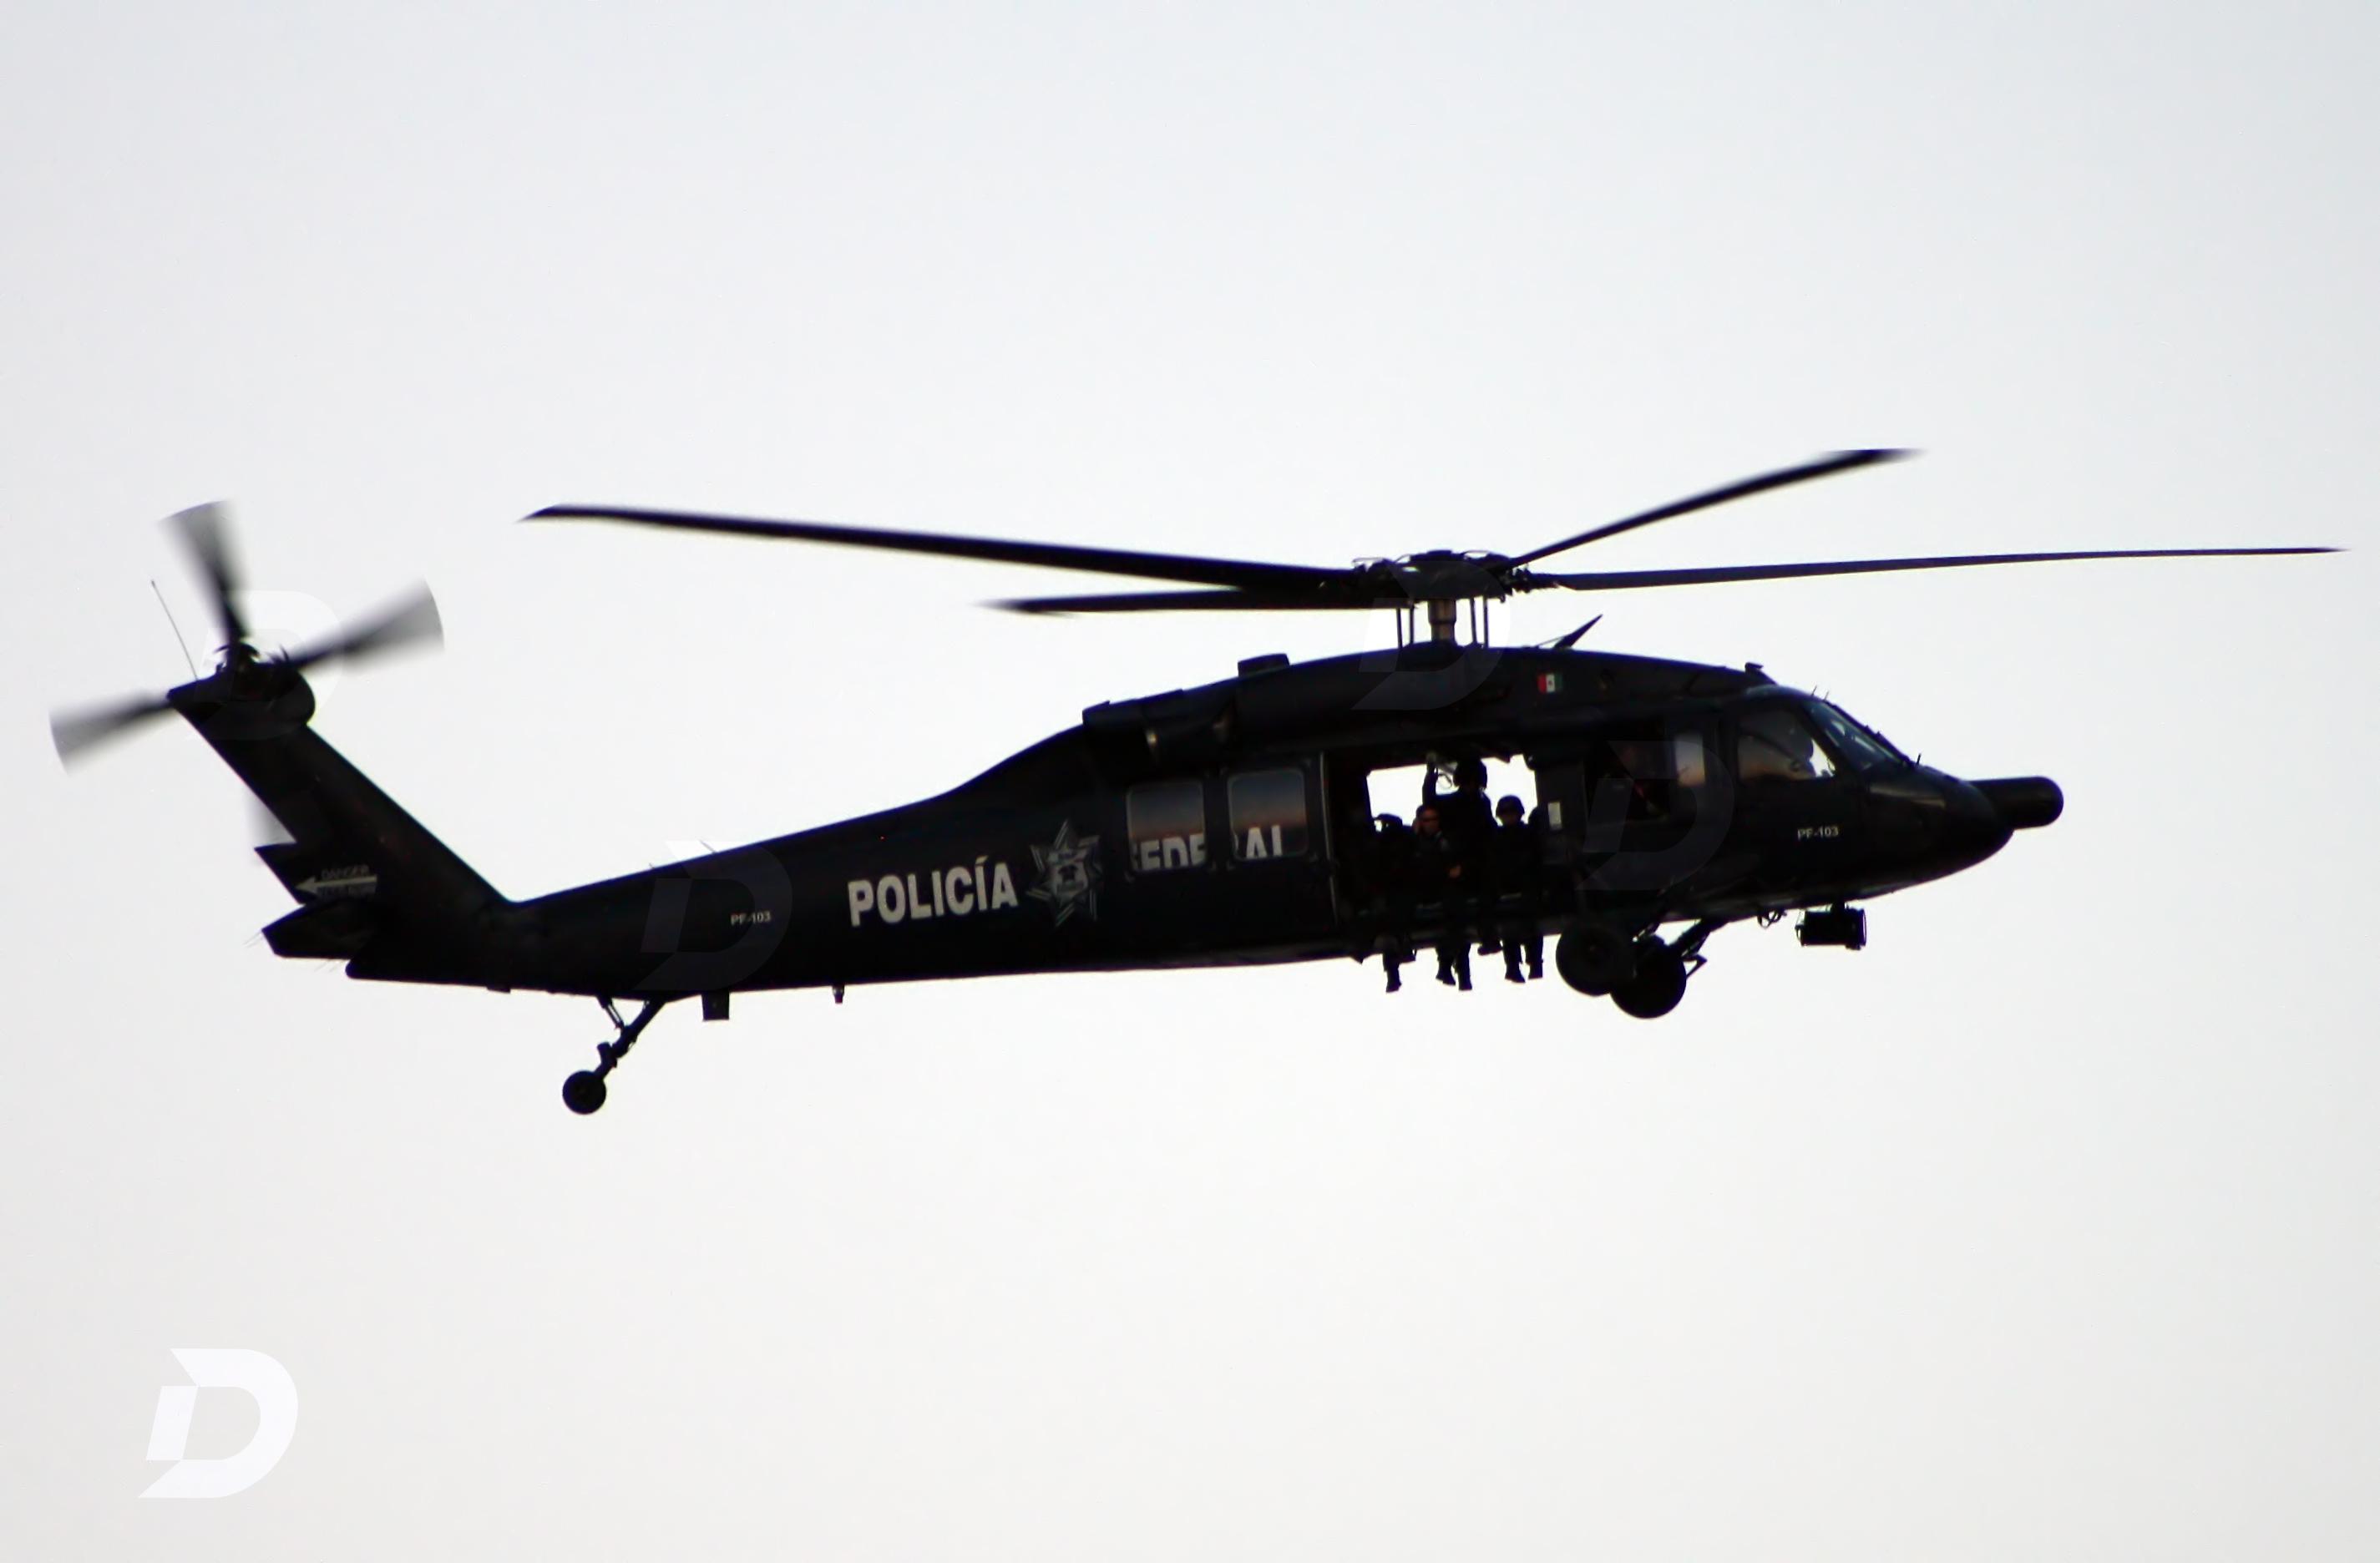 POLICIA -  Black Hawks de la Policia Federal. - Página 7 6830727704_a136b35af9_o